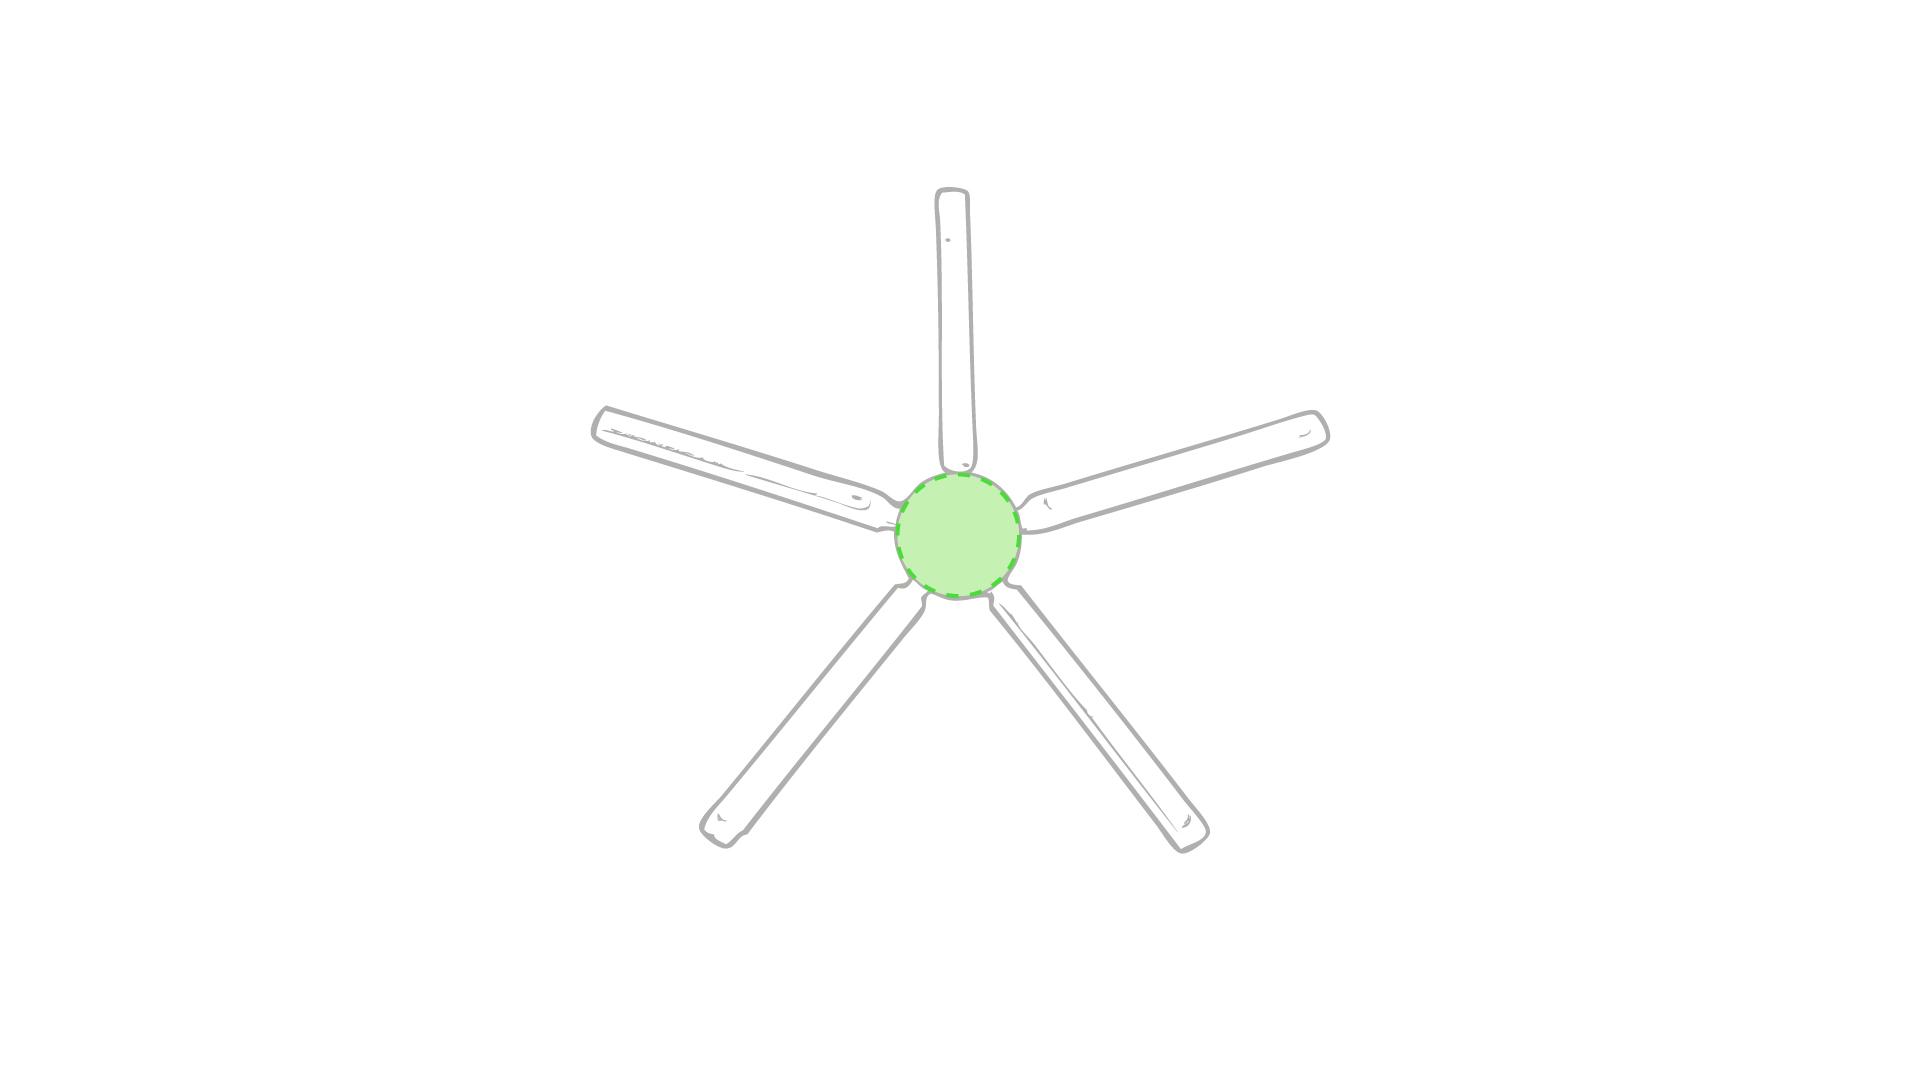 Diámetro, zona circular